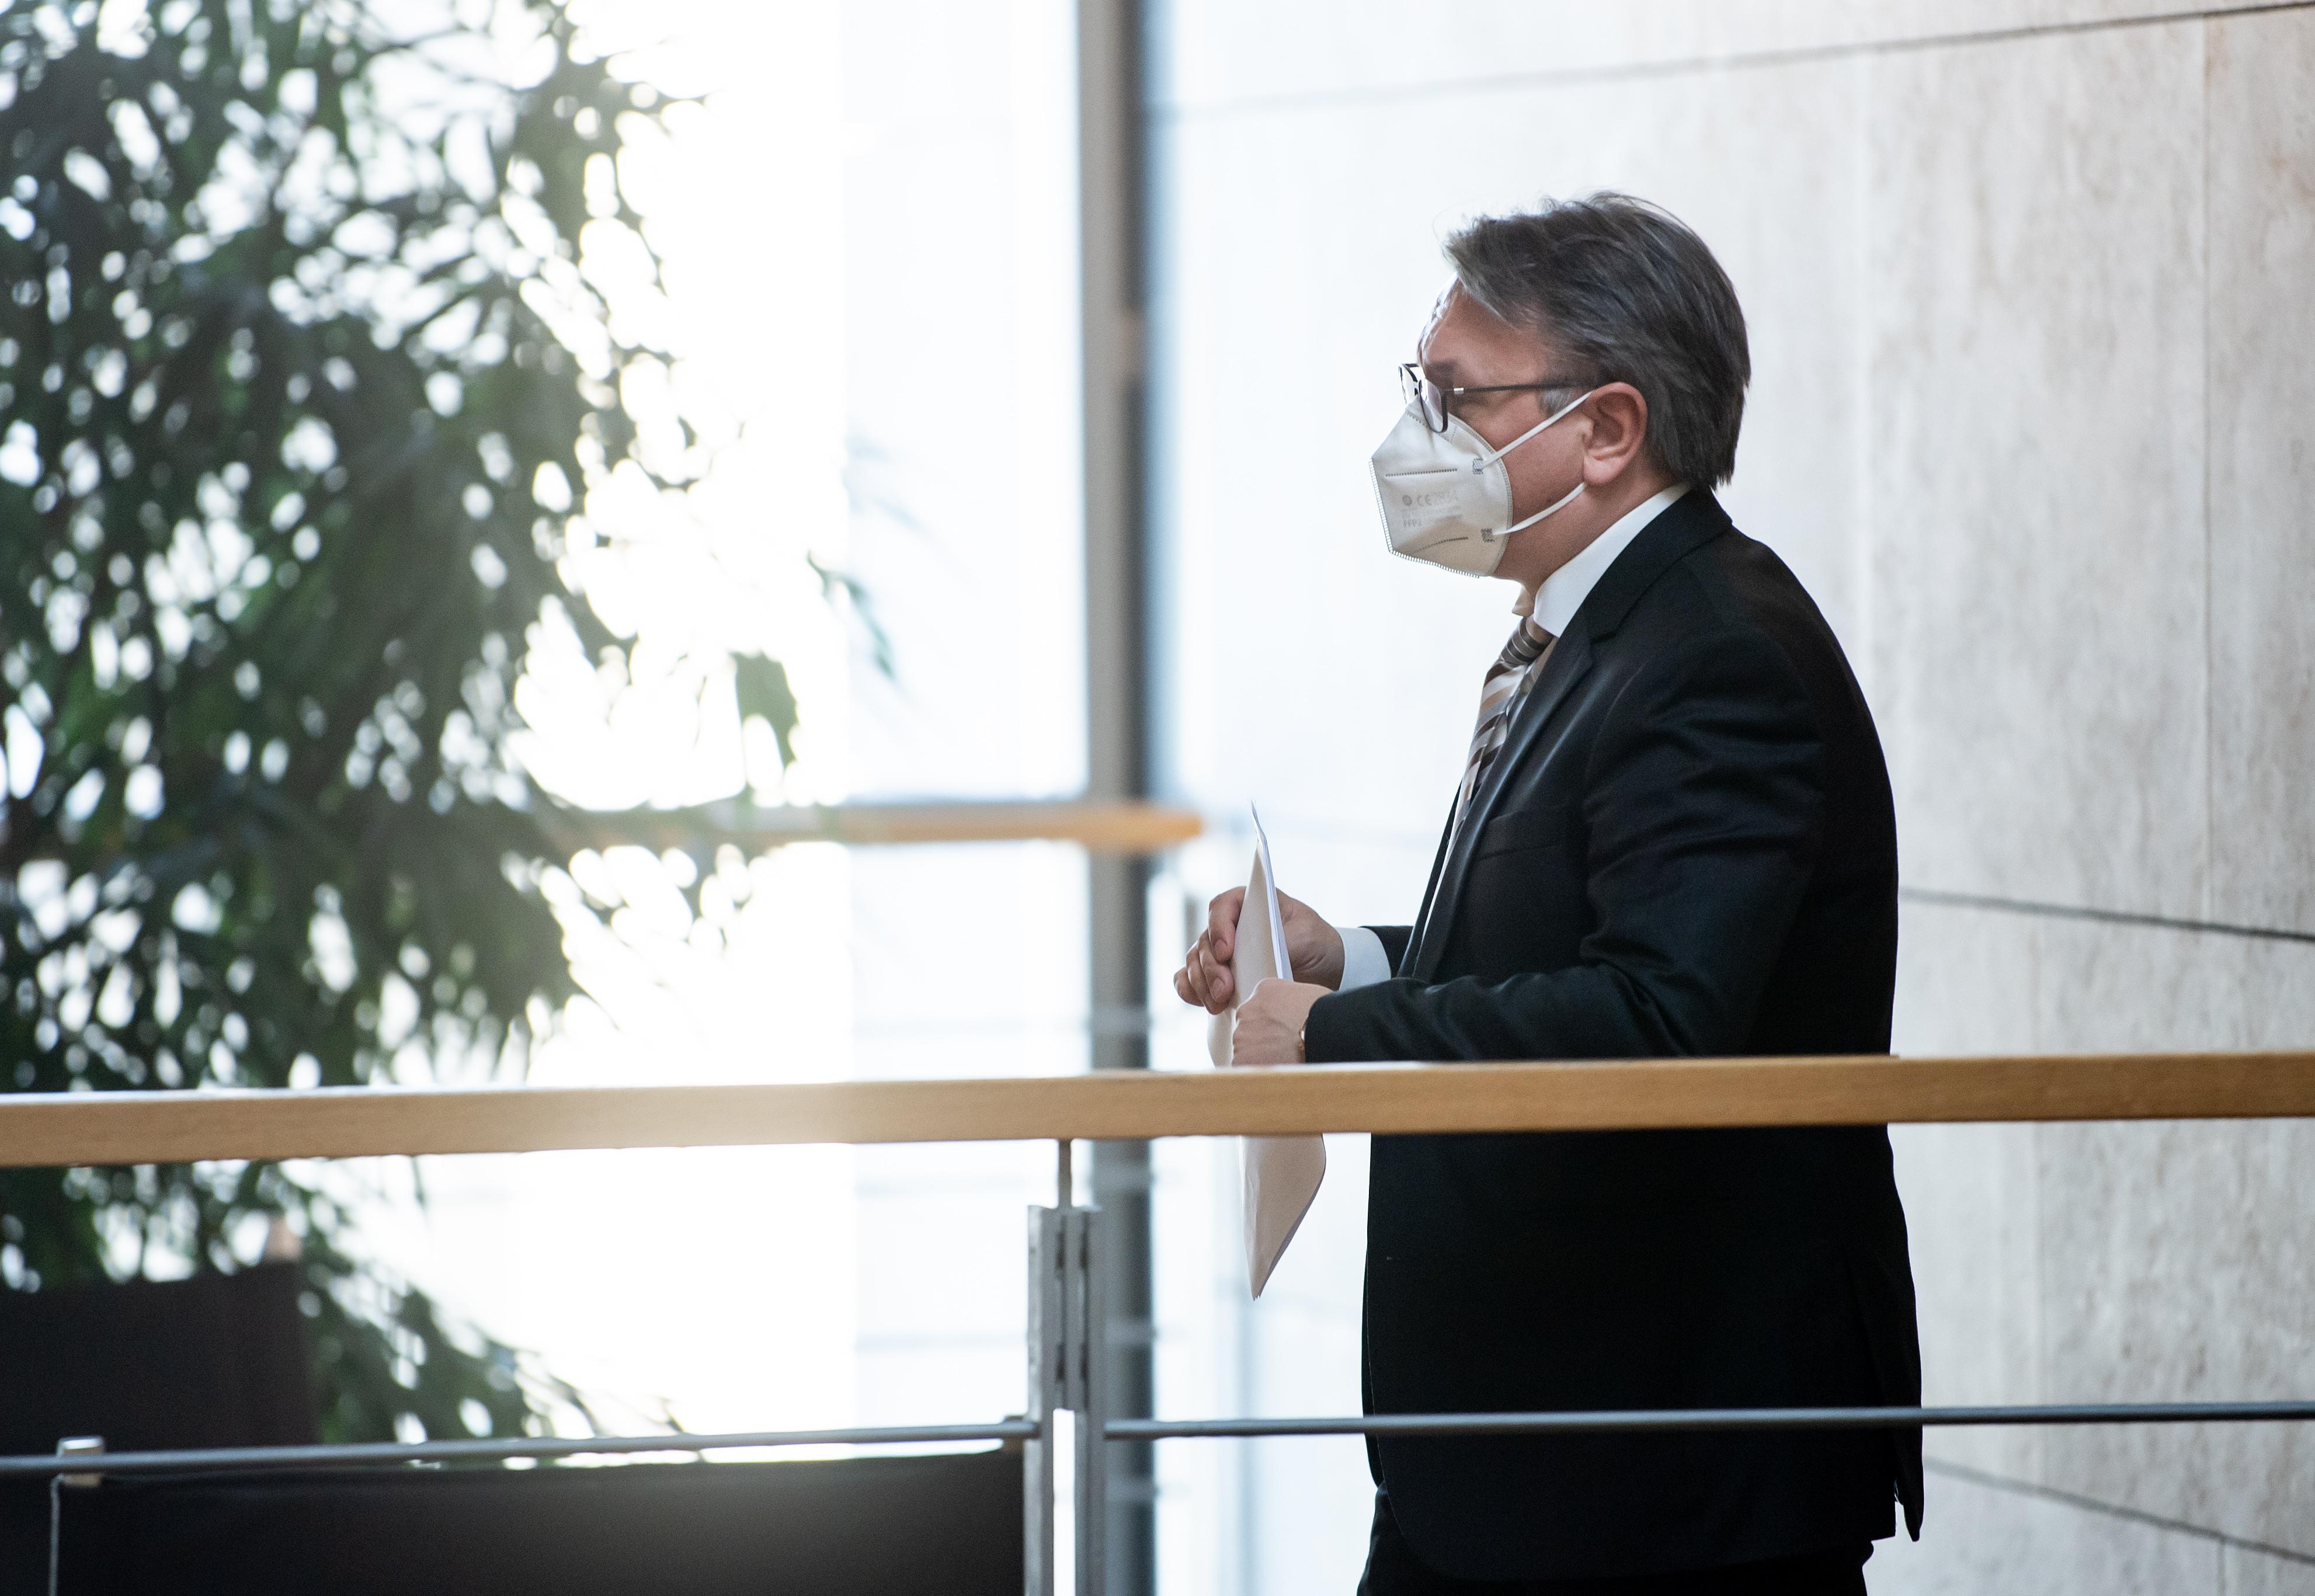 Bestechungsaffäre: CSU-Politiker Georg Nüßlein zieht sich aus Politik zurück